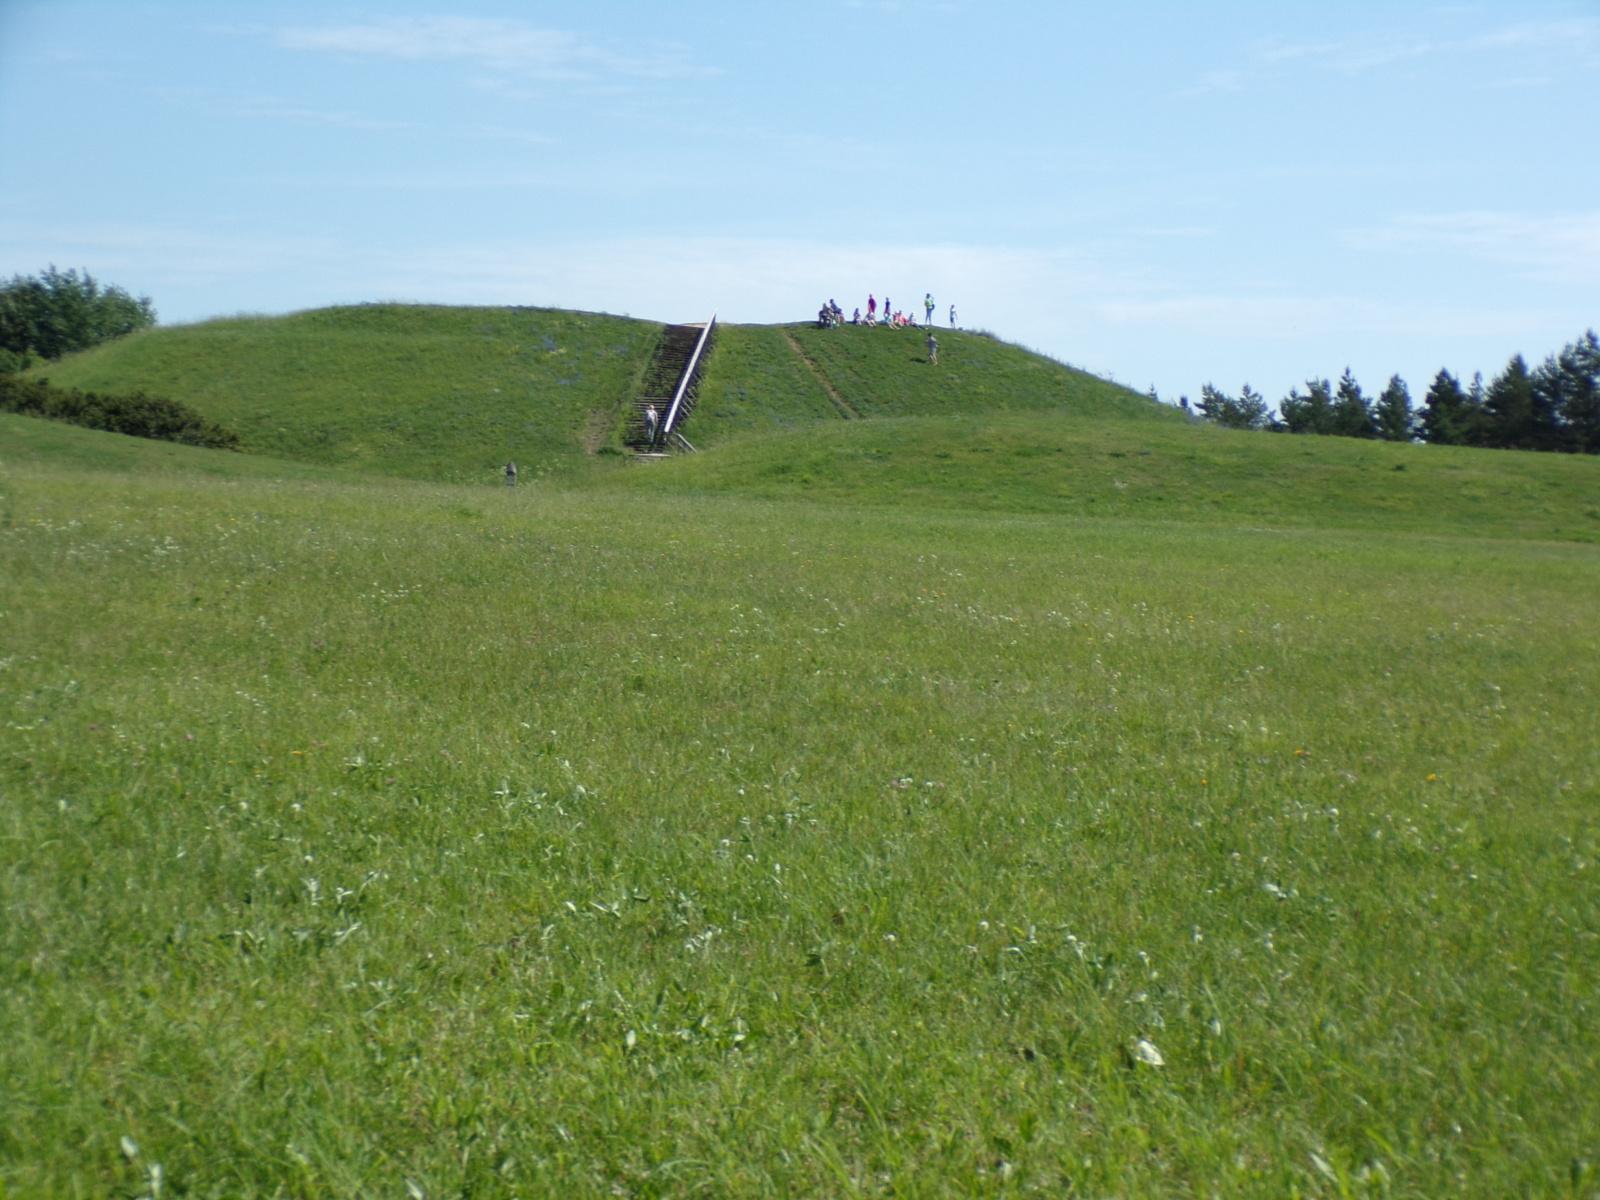 Ką reikėtų padaryti Salduvės kalno populiarinimui?